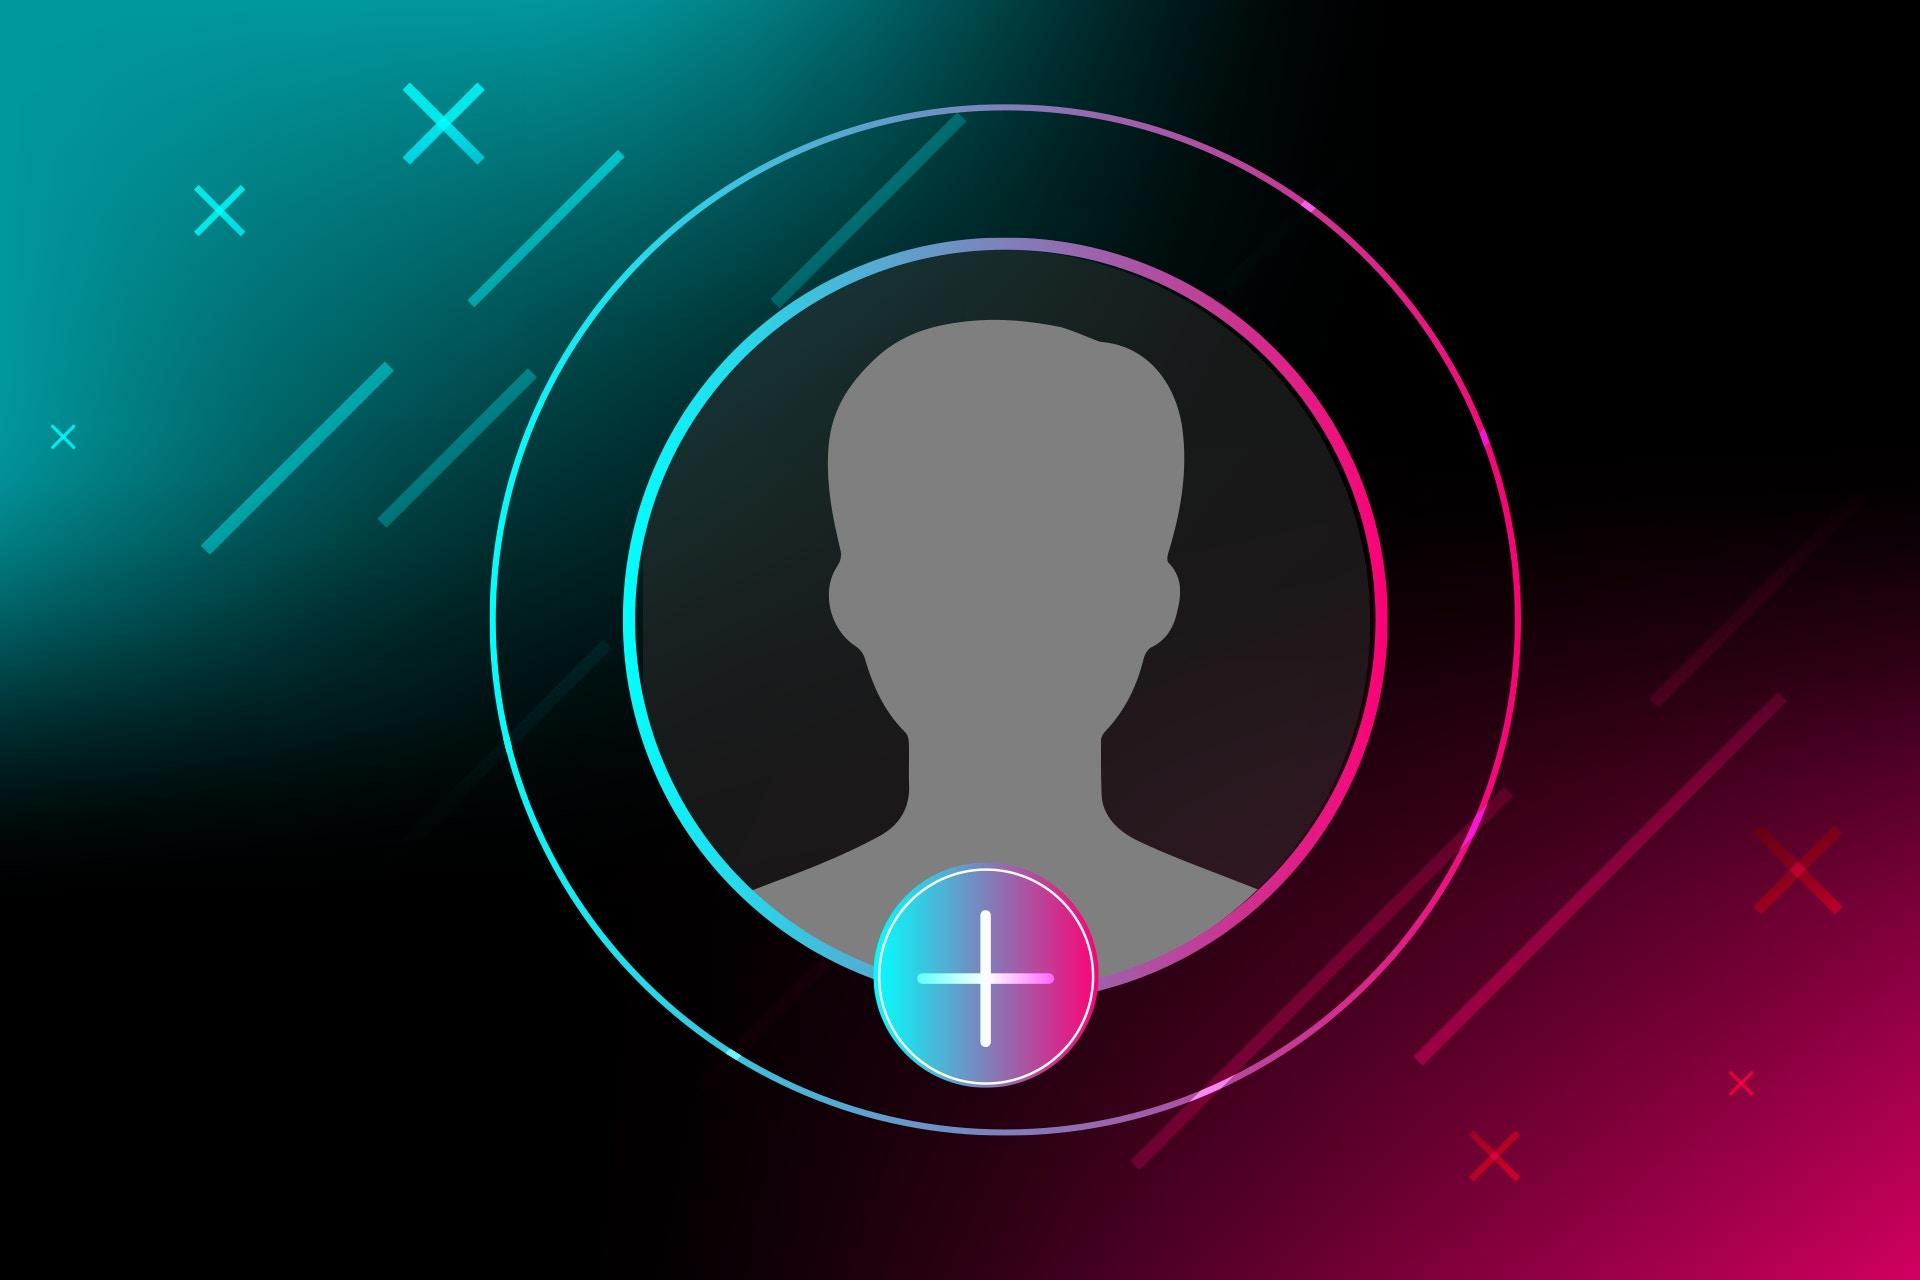 TikTok-henkinen kuvituskuva, mustalla taustalla pinkkiä ja sinistä väriä, keskellä anonyymi profiilikuva